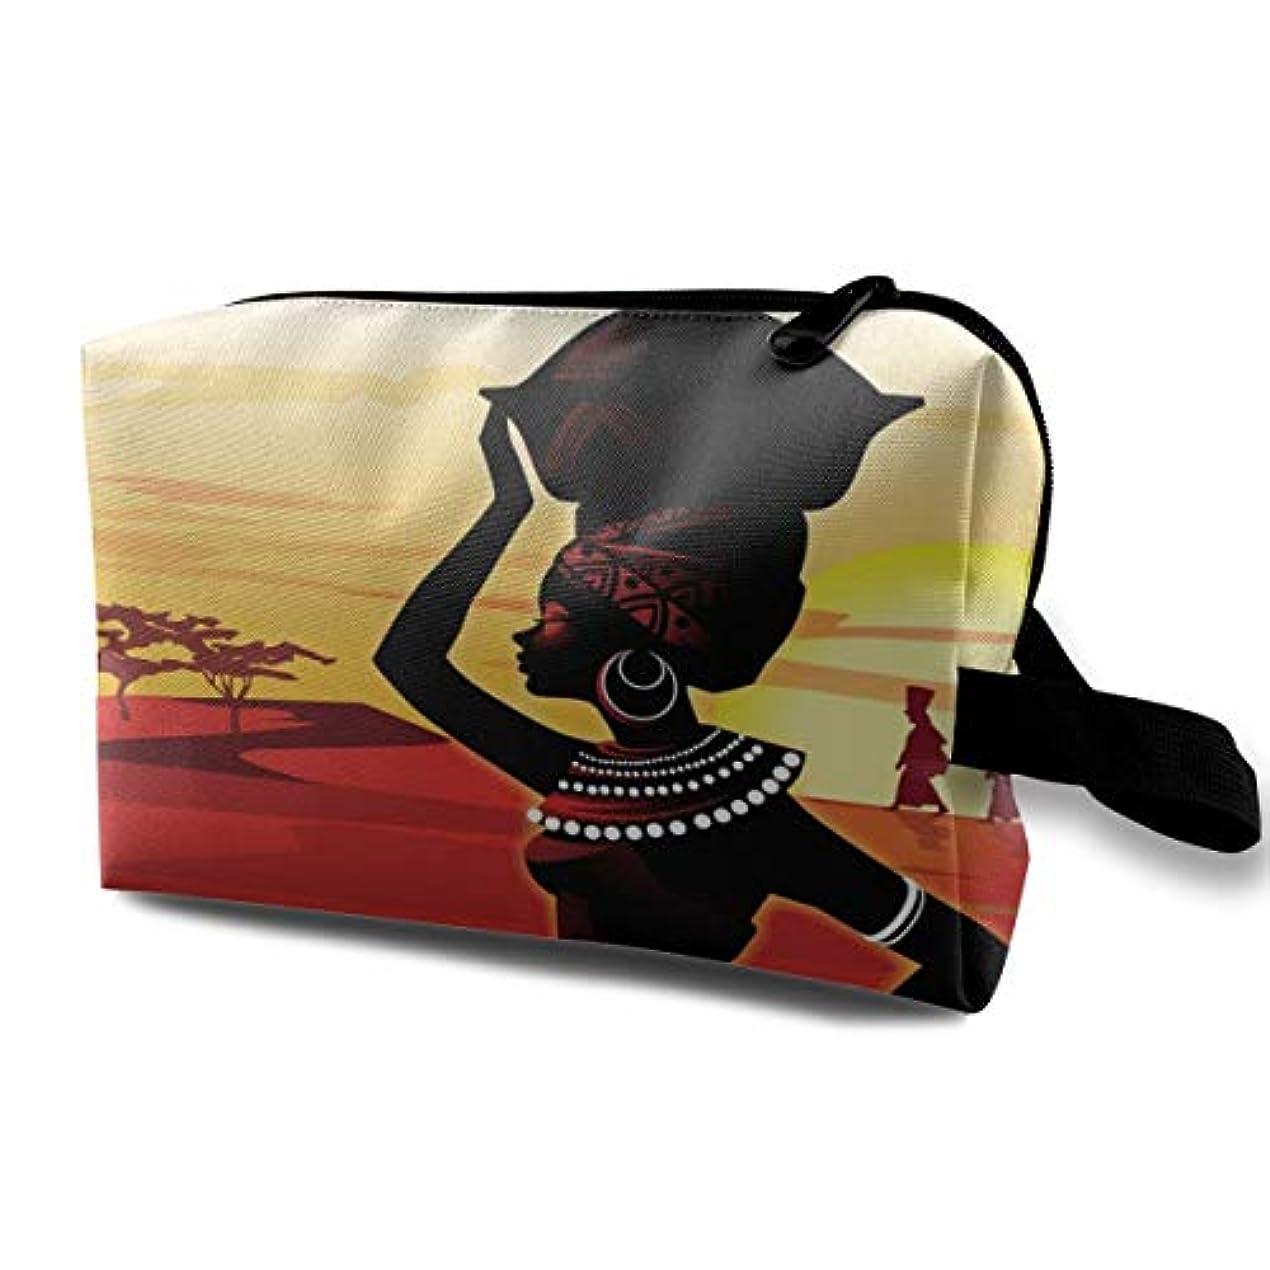 未来議会酔っ払いOil Painting Art African Woman 収納ポーチ 化粧ポーチ 大容量 軽量 耐久性 ハンドル付持ち運び便利。入れ 自宅?出張?旅行?アウトドア撮影などに対応。メンズ レディース トラベルグッズ